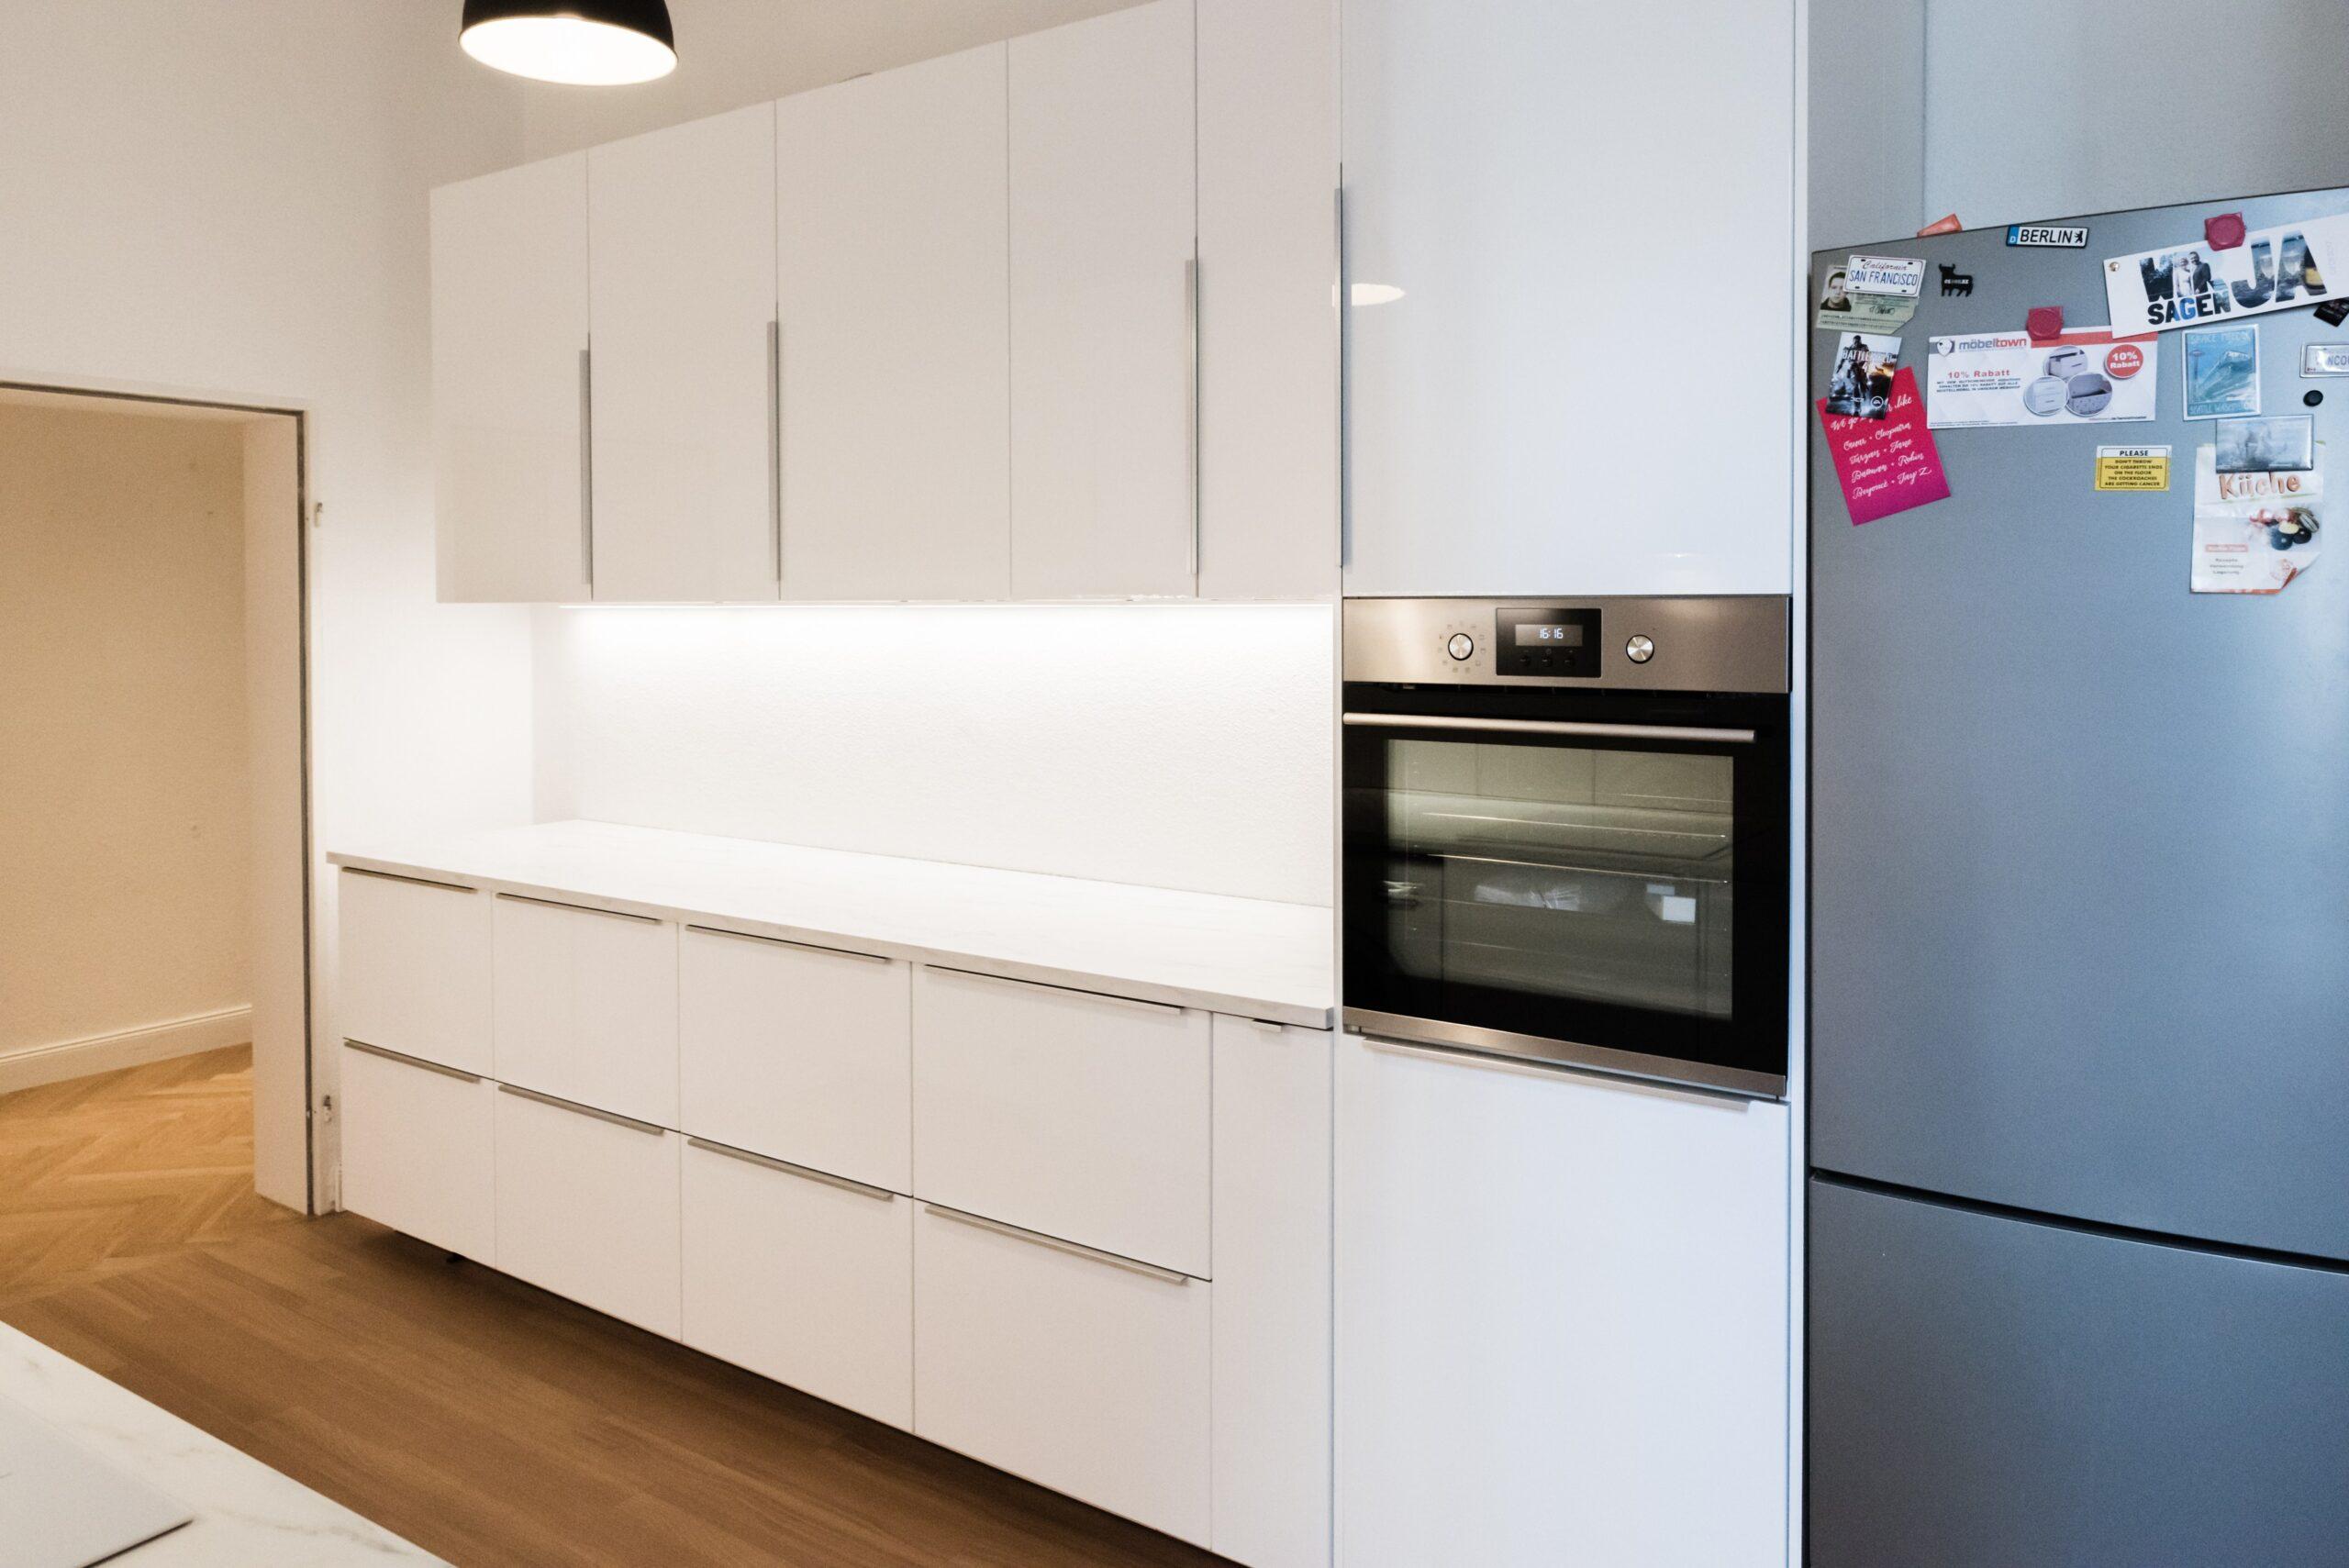 Full Size of Ikea Kche Planen Online Kchenplaner Realisieren Sie Ihre Küche Kaufen Modulküche Kosten Sofa Mit Schlaffunktion Miniküche Betten 160x200 Bei Wohnzimmer Ikea Küchentheke